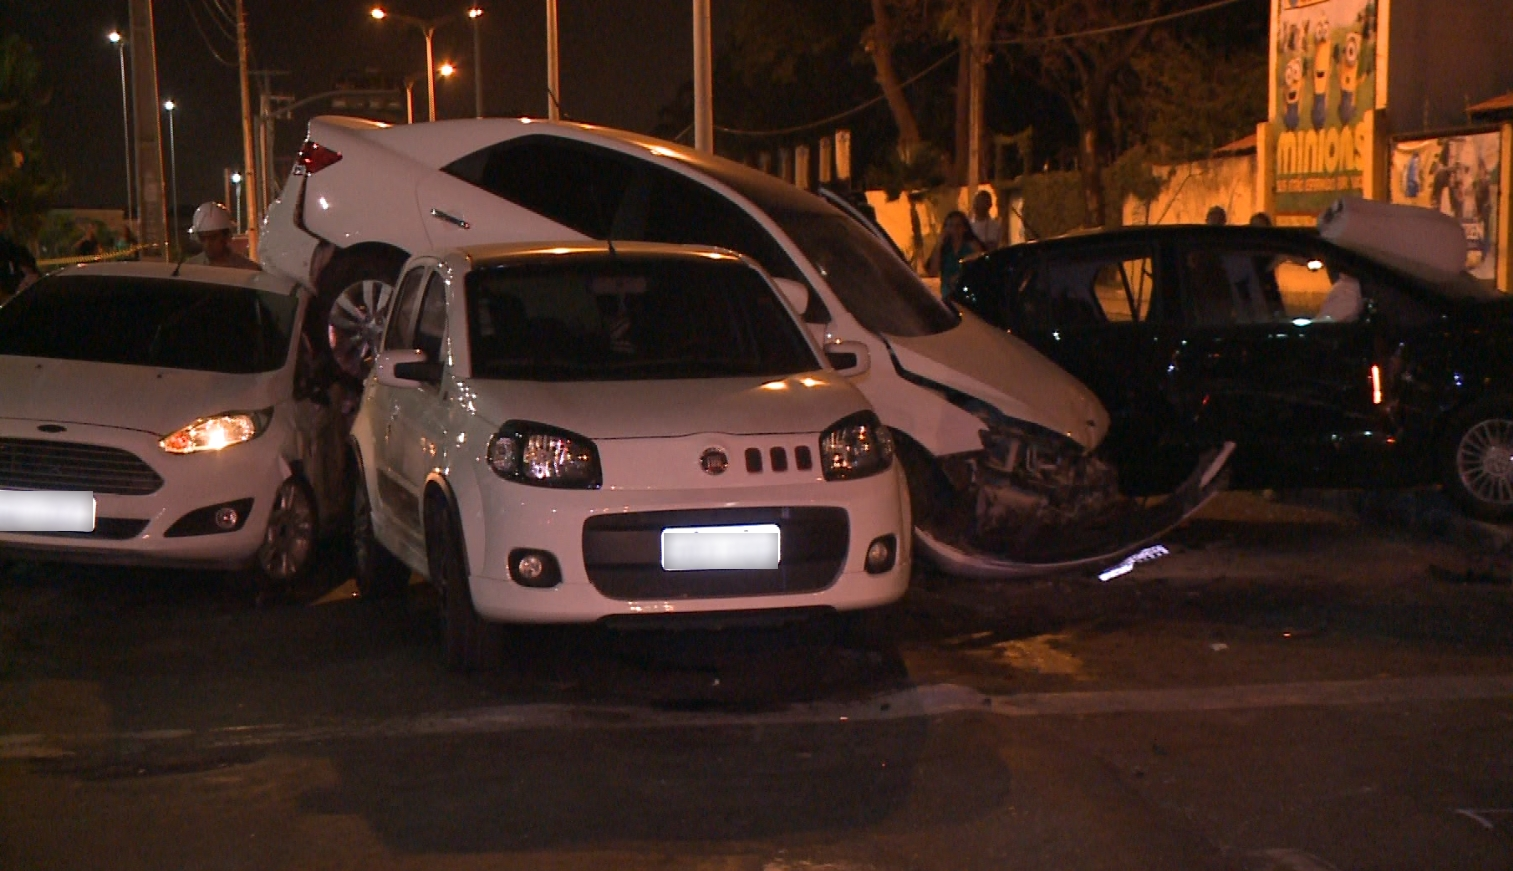 O veículo branco que ficou sobre os outros carros era roubado (FOTO: Reprodução/TV Jangadeiro)